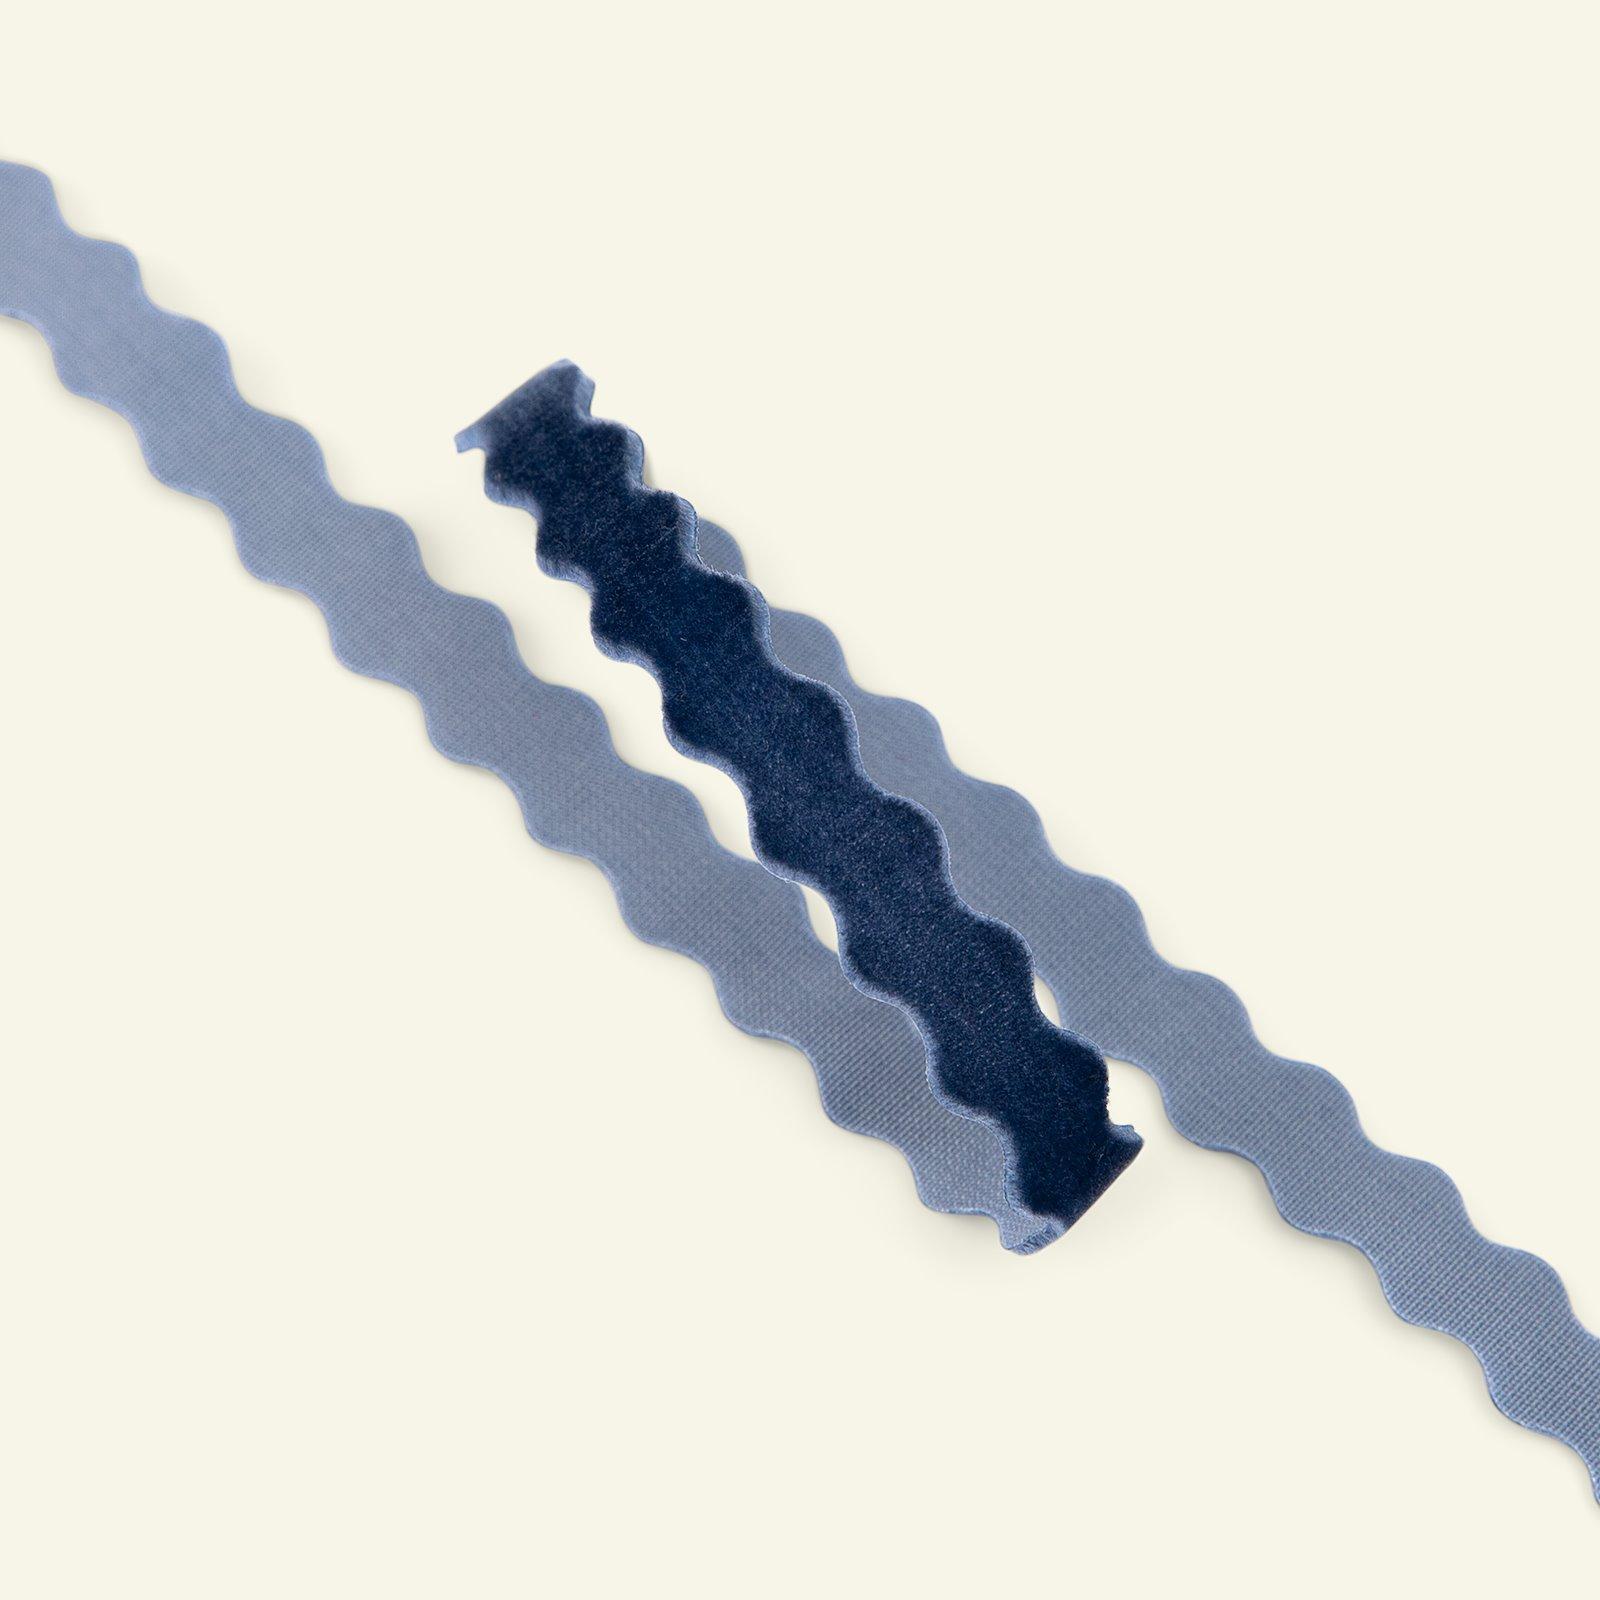 Ric rac velvet ribbon 10mm blue 2m 22210_pack